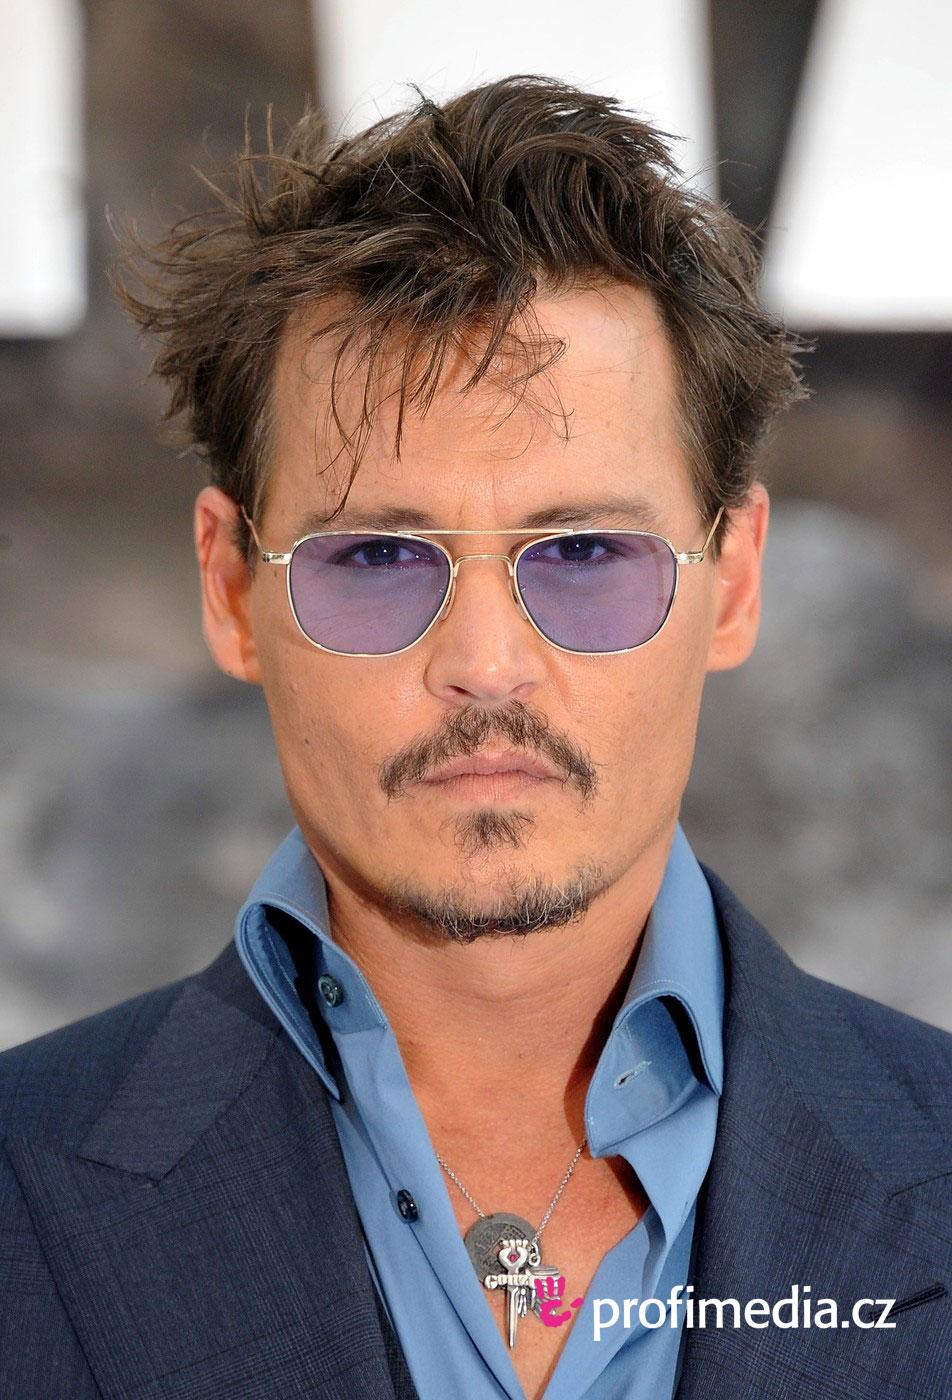 Johnny Depp Frisur Zum Ausprobieren In EFrisuren